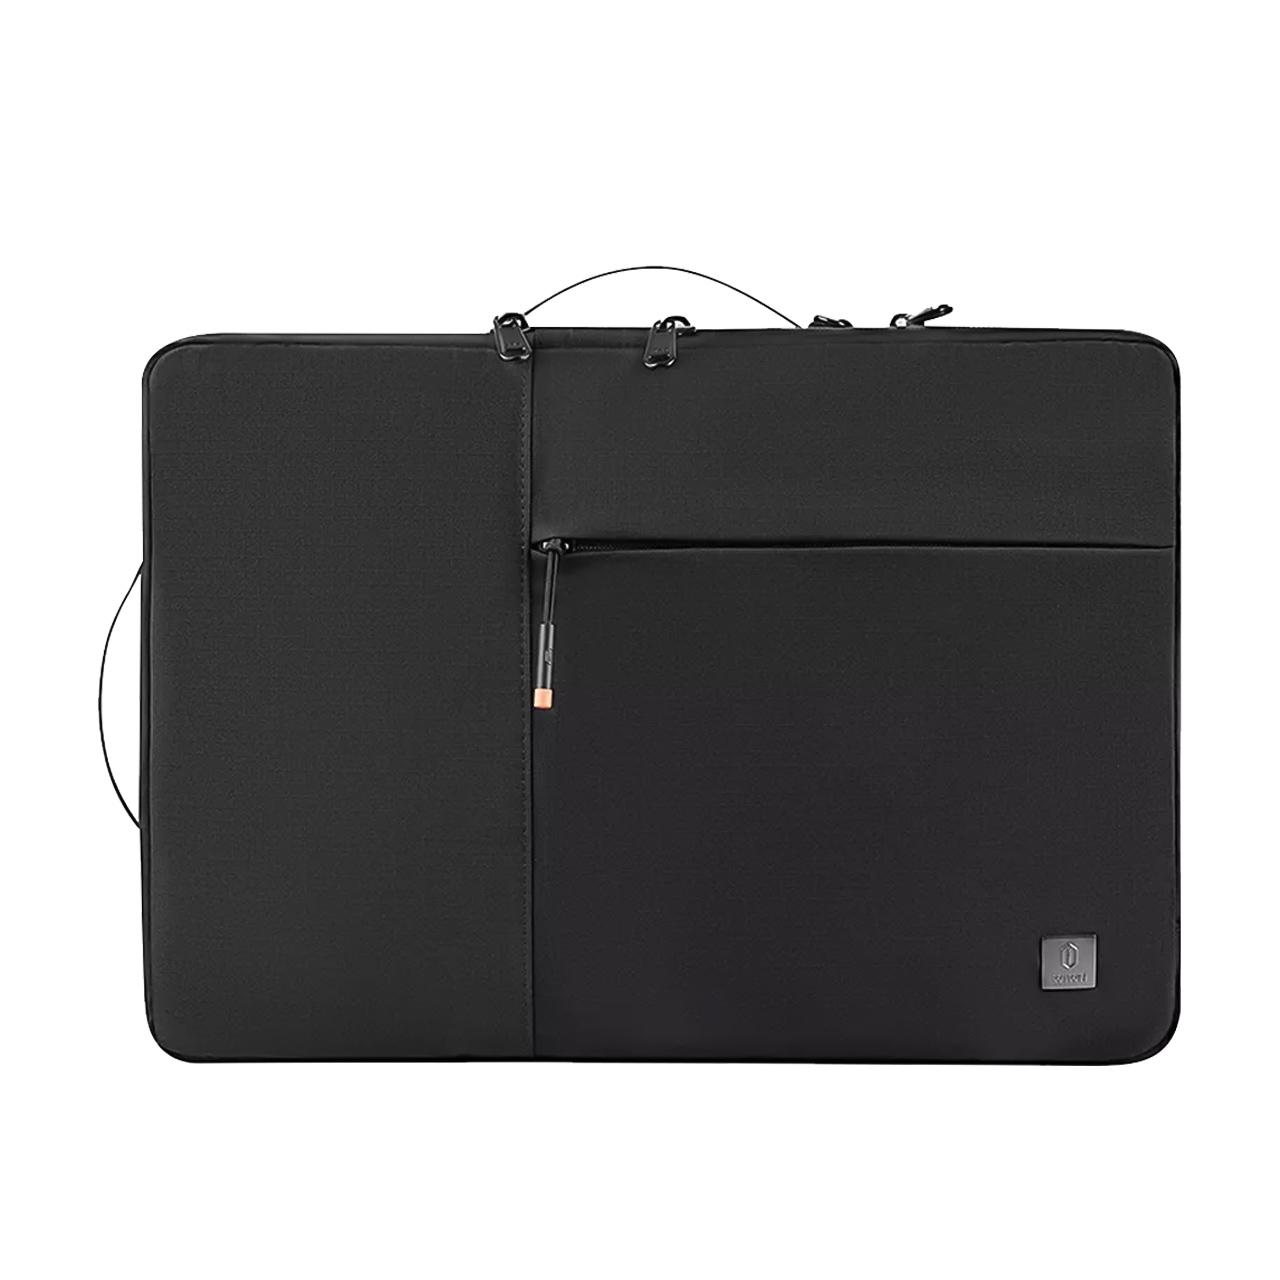 کیف لپ تاپ ویوو مدل Alpha Double Layer Sleeve مناسب برای لپ تاپ 15.6 اینچی